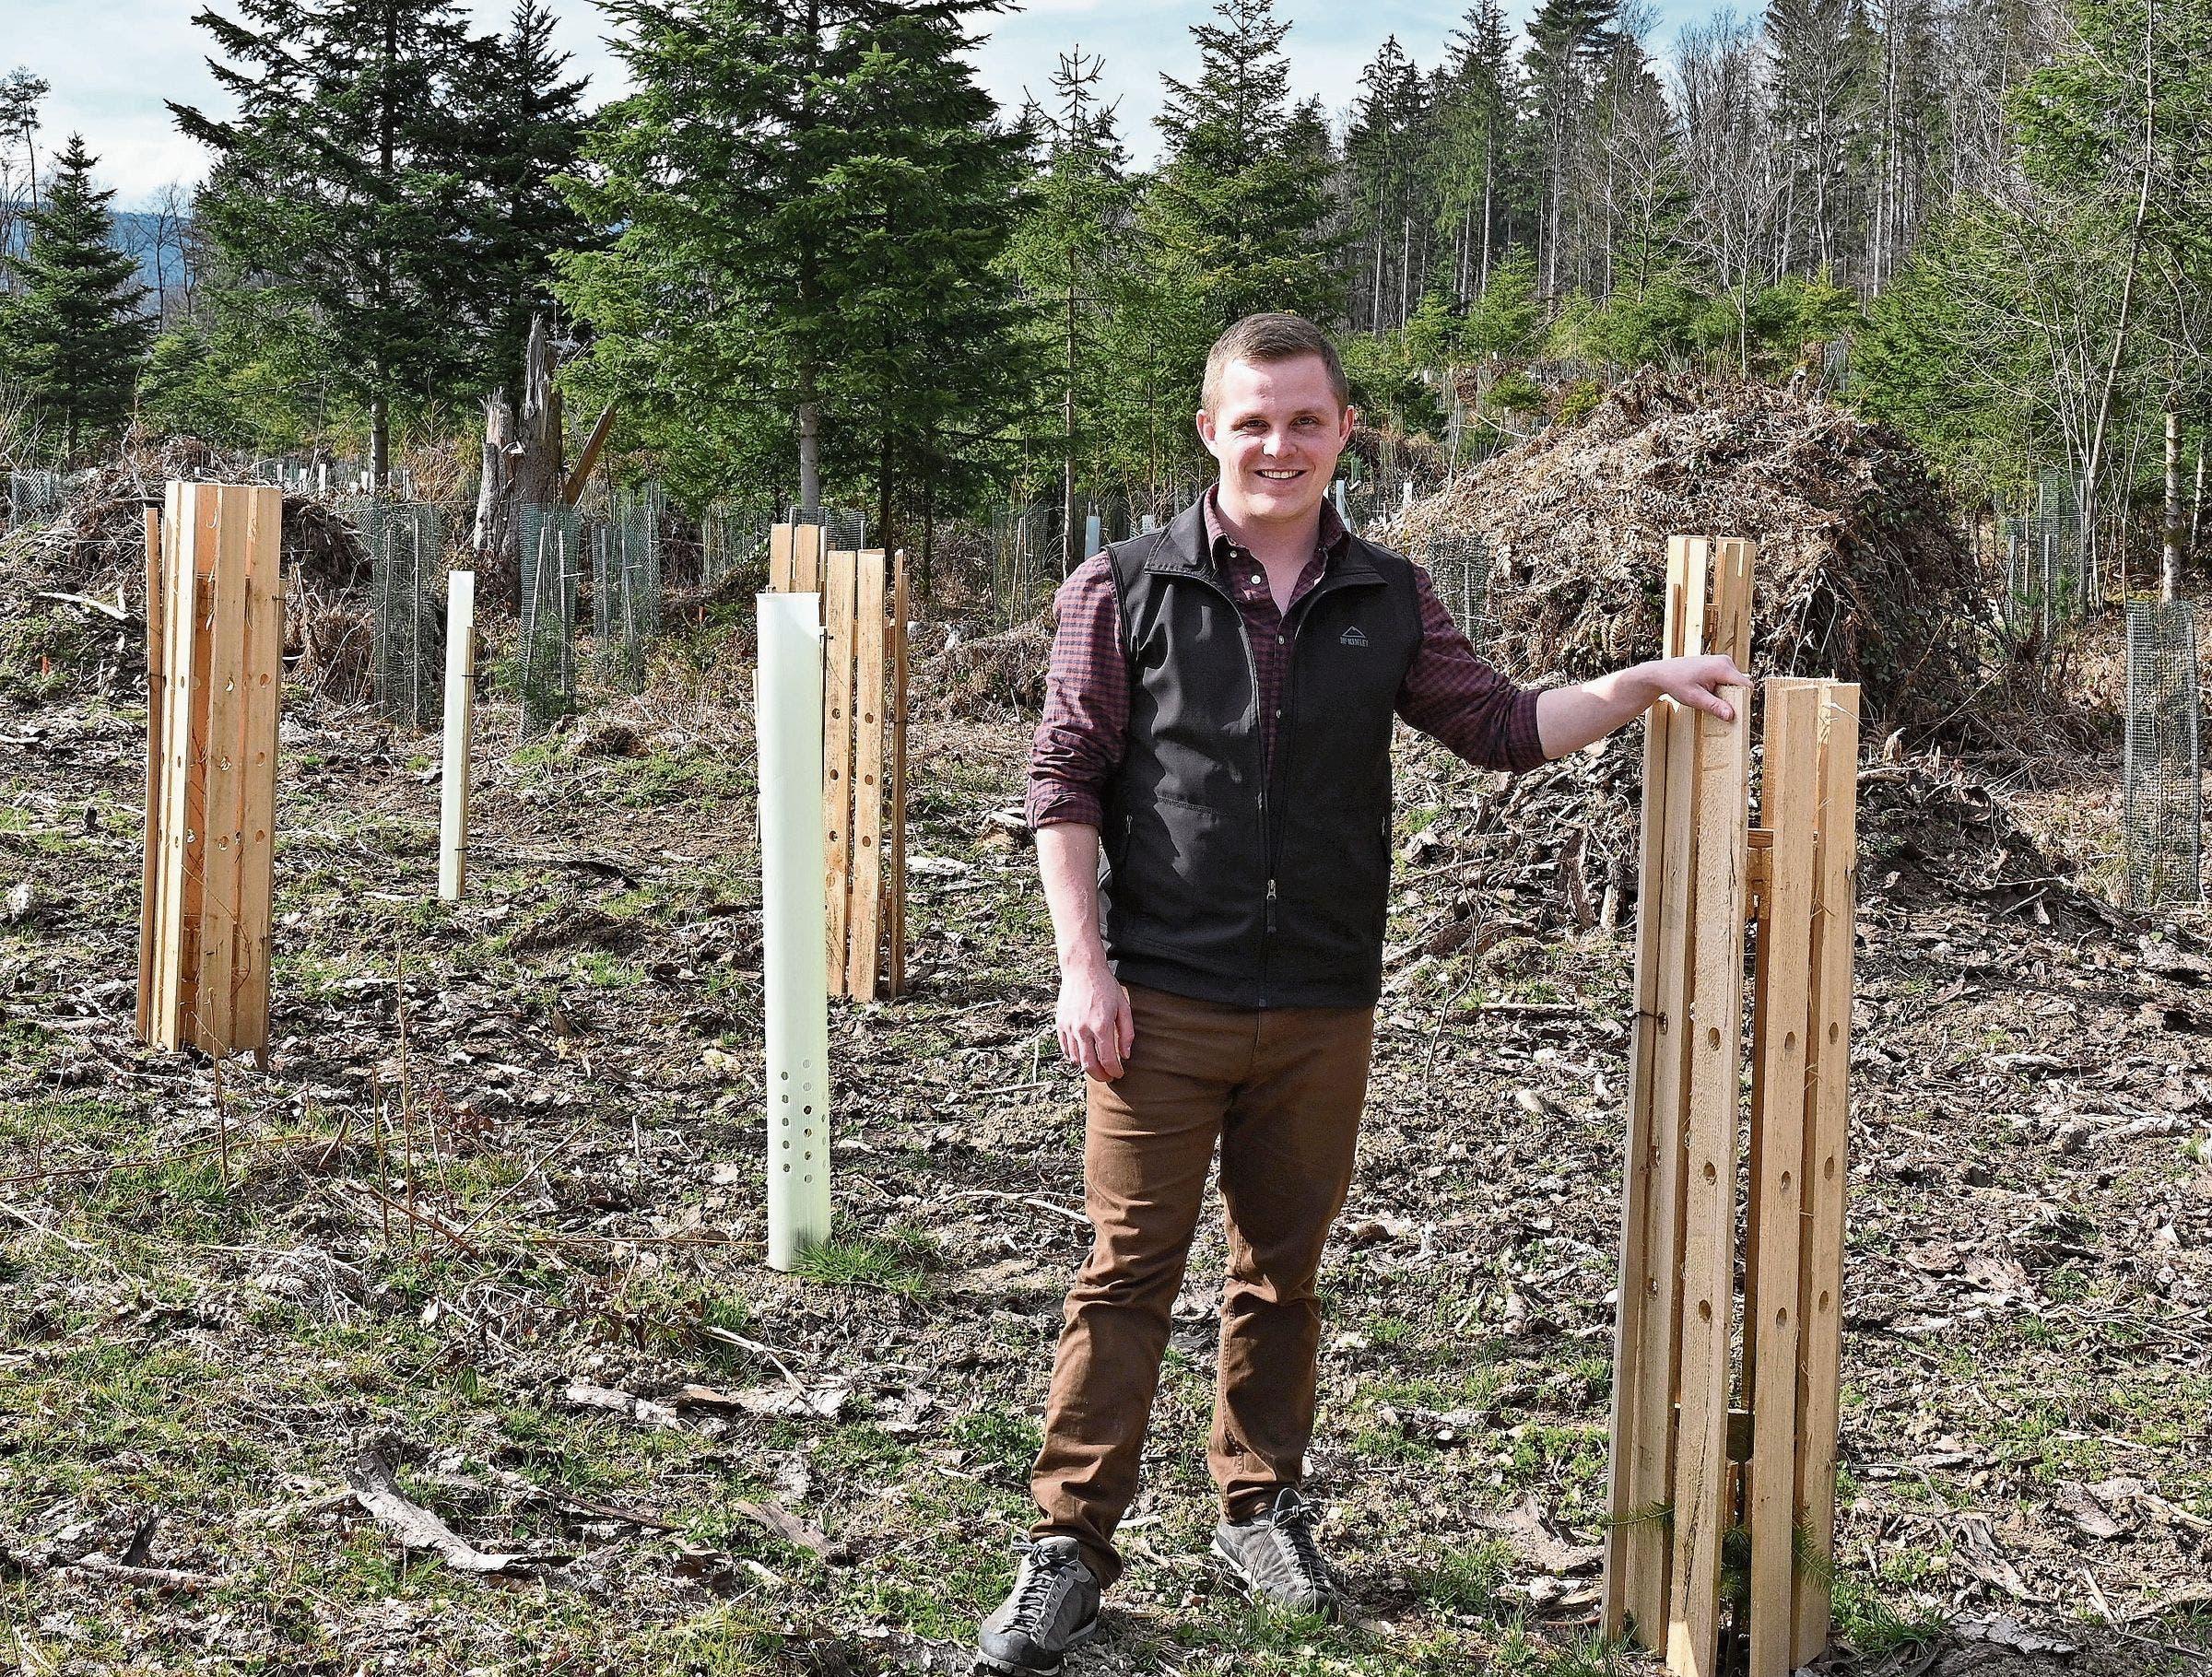 Joshua Huber steht neben einem jungen Baum. Das Holz dient als Schutz.